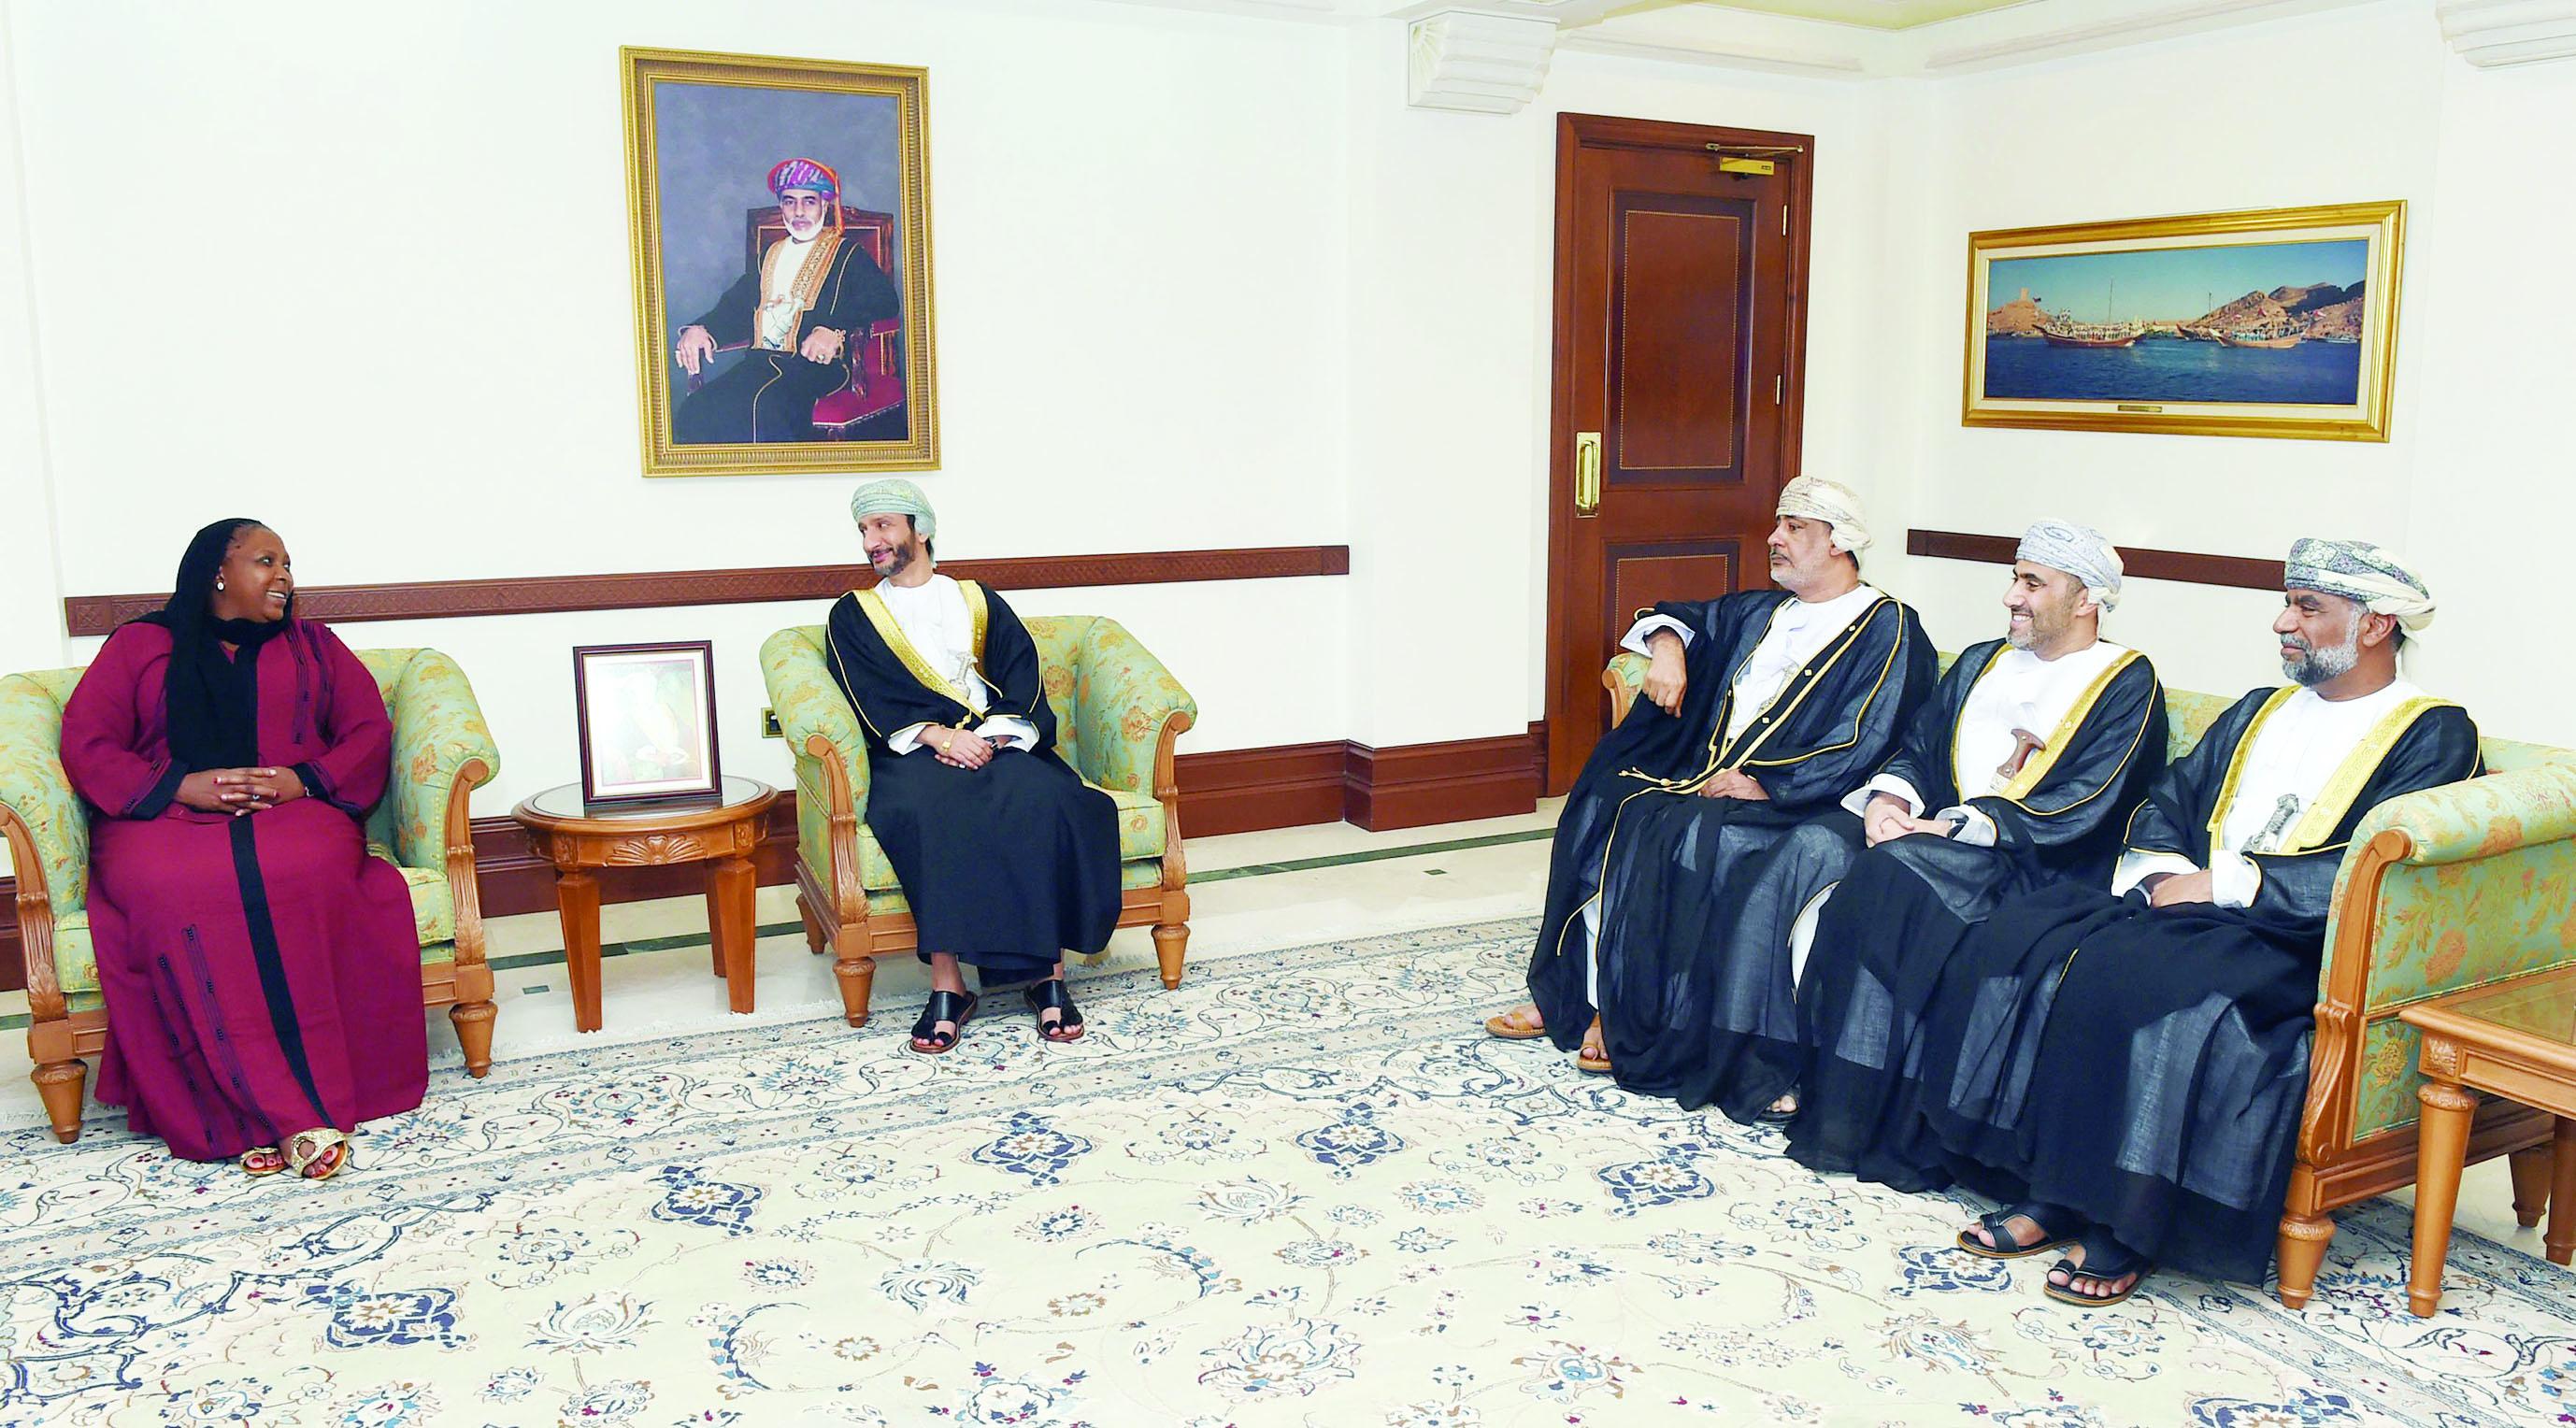 سعود البوسعيدي يستقبل رئيسةوزراء مقاطعة مبومالانجا بجنوب أفريقيا